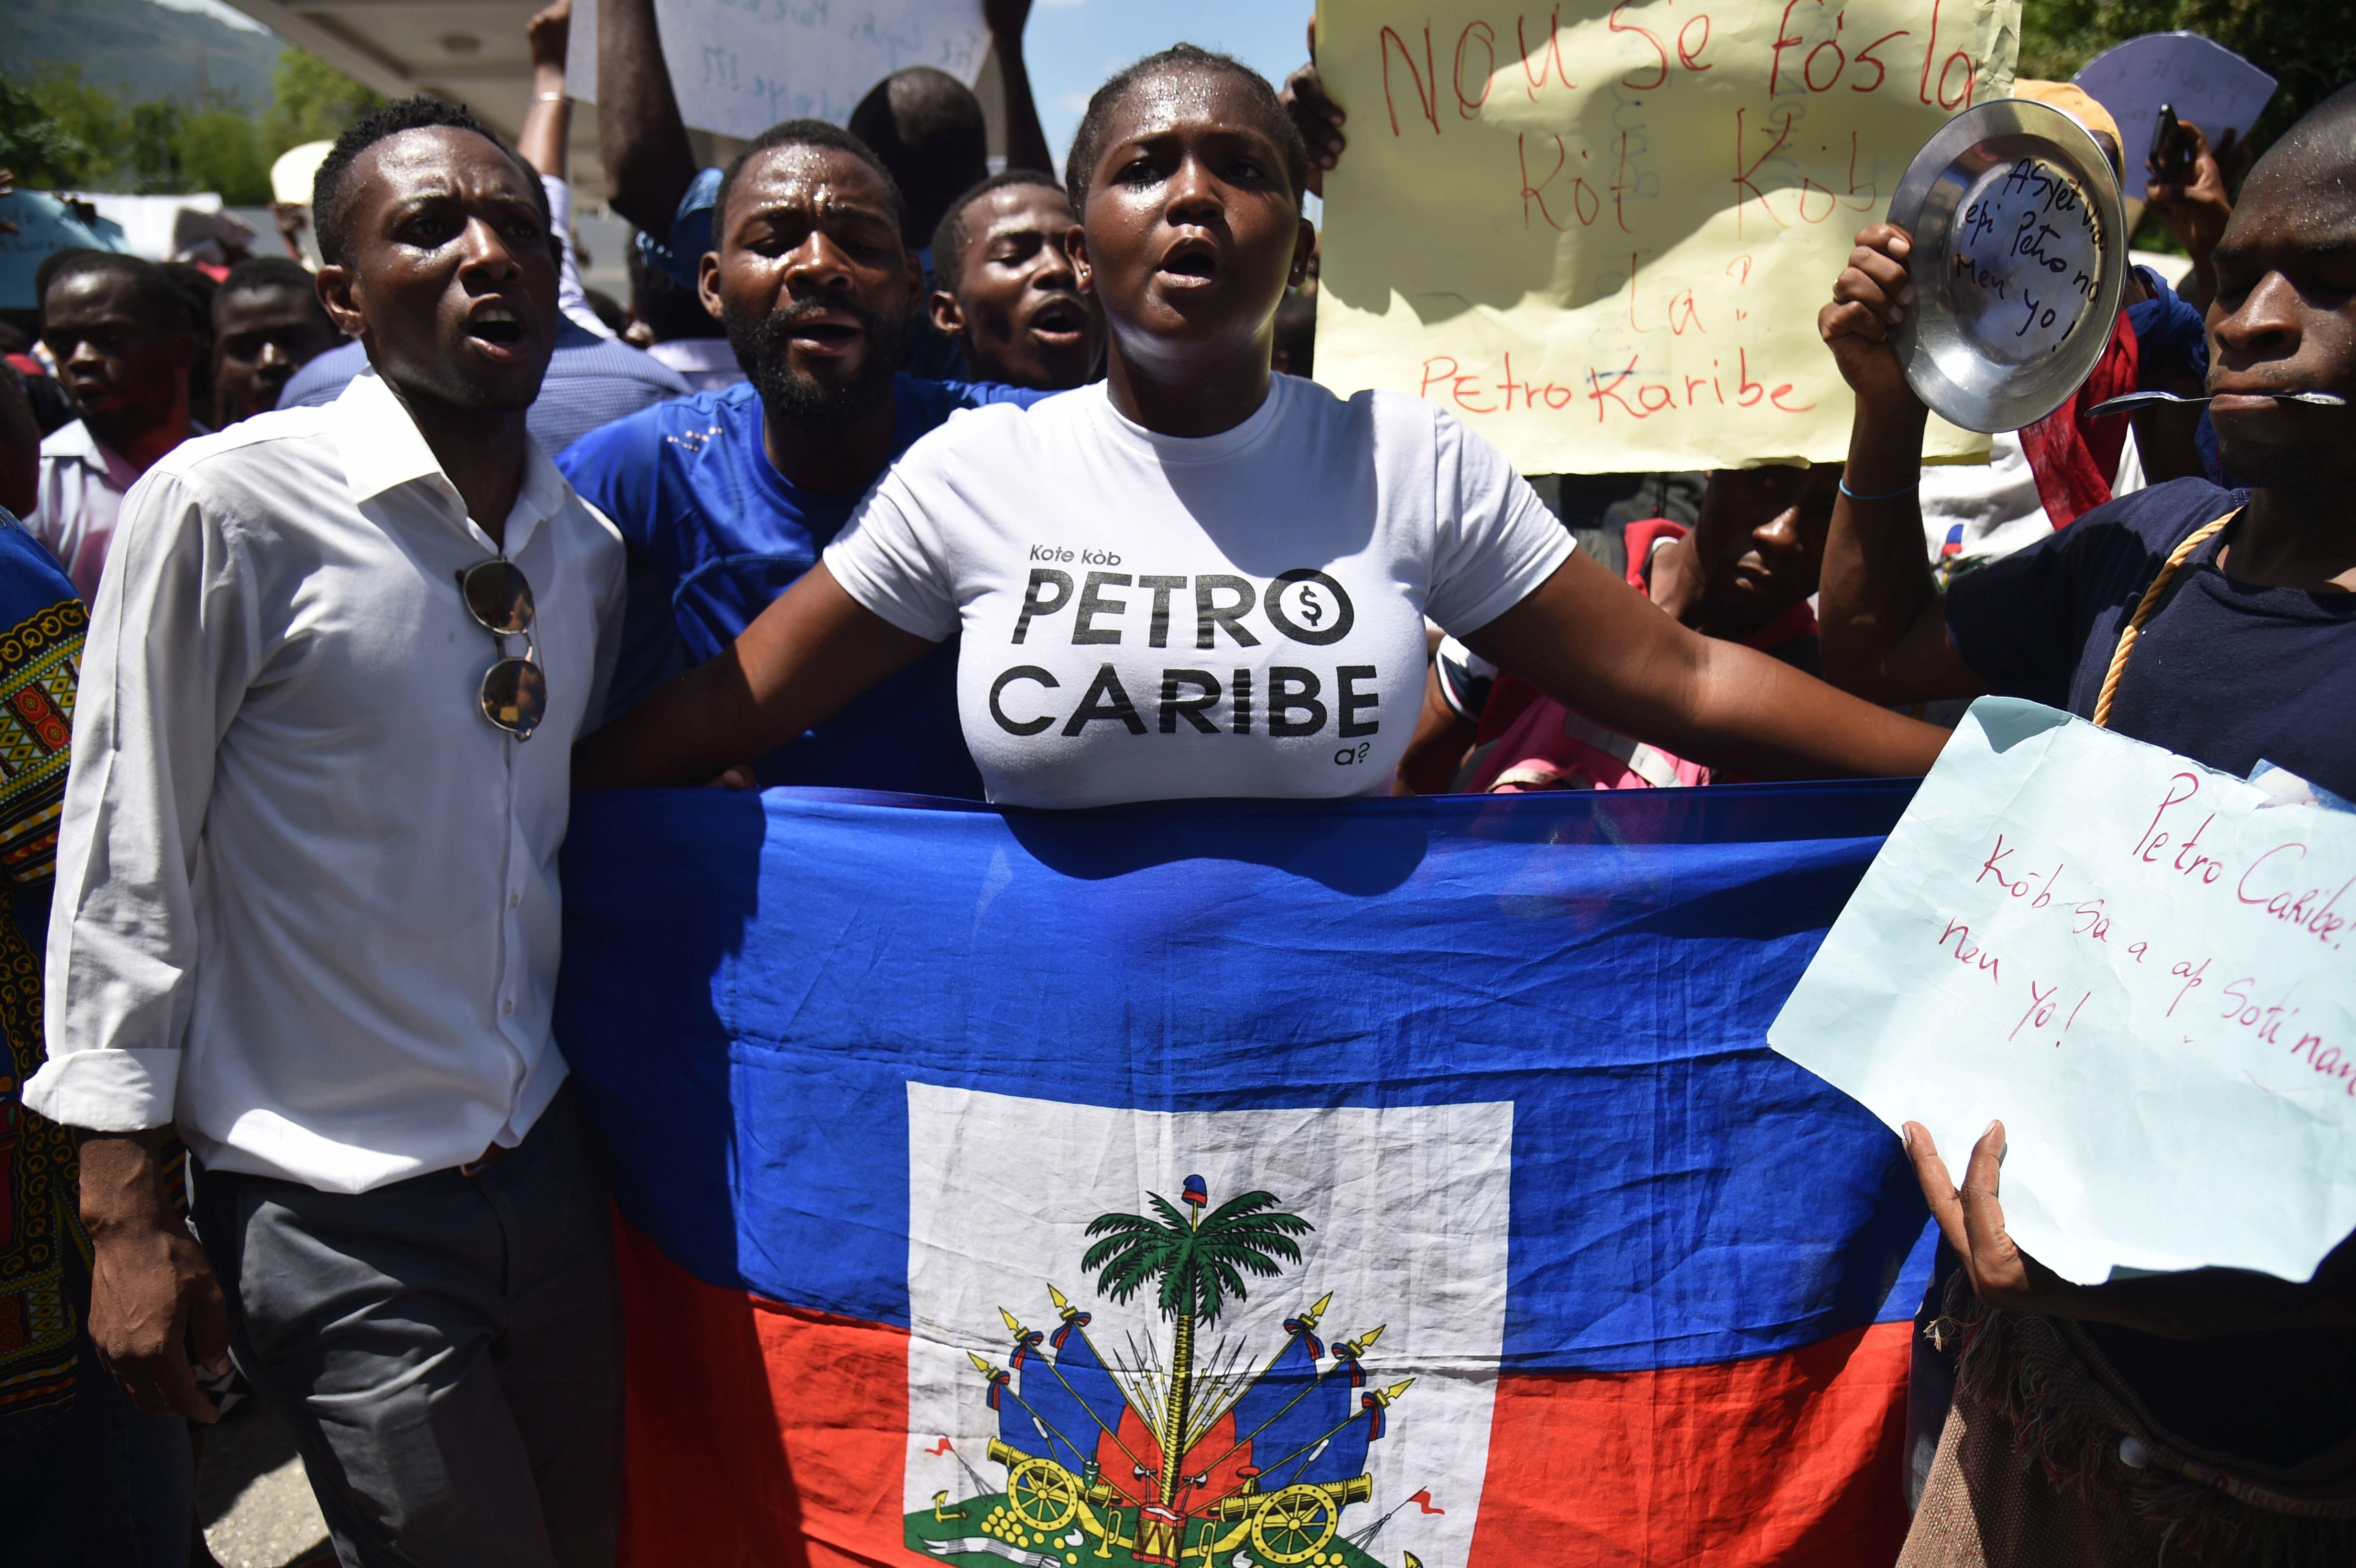 Cómo un escándalo de corrupción despertó a los jóvenes haitianos (son el 70% de la población y se movilizan por su futuro)